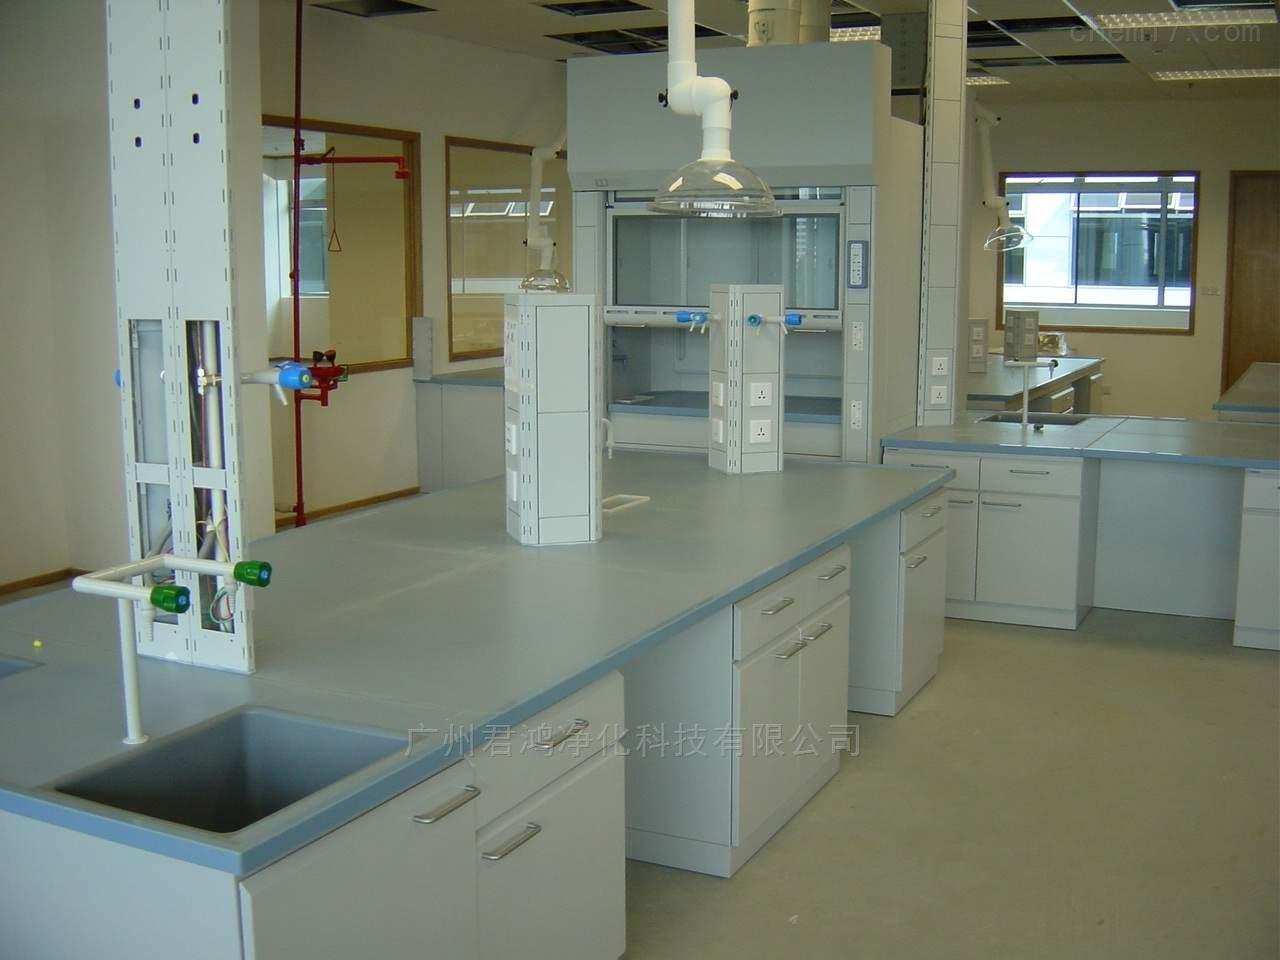 福建福州全钢框架结构实验台整体实验室家具